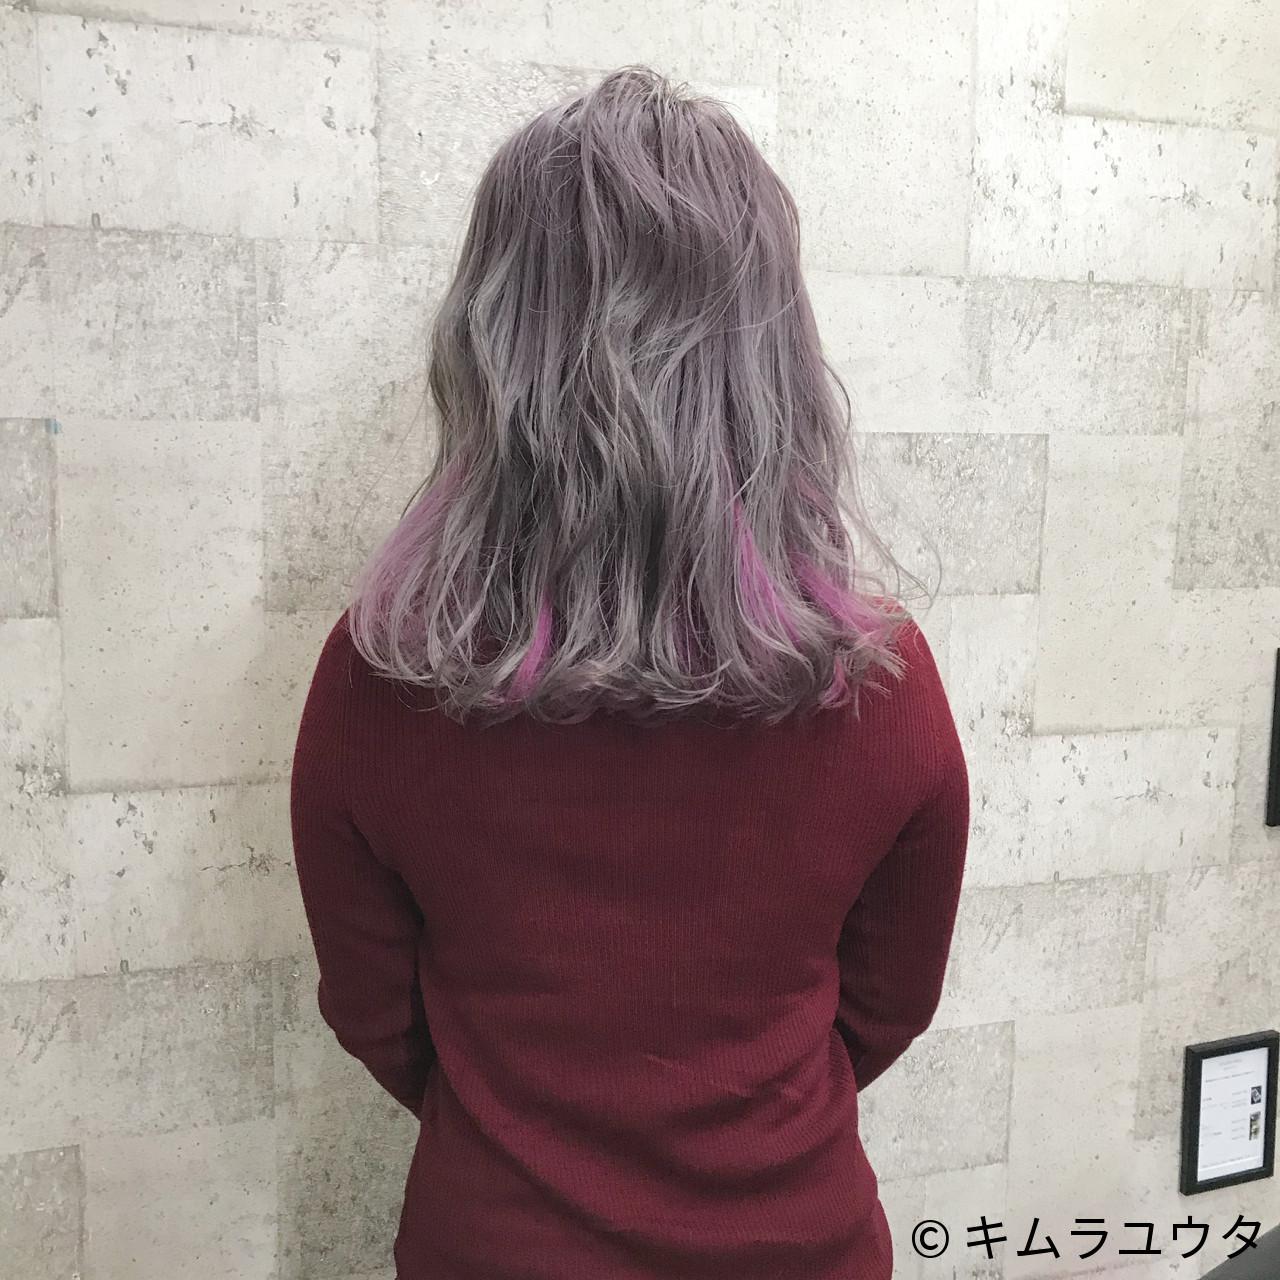 ハイトーン ミディアム カラーバター インナーカラー ヘアスタイルや髪型の写真・画像